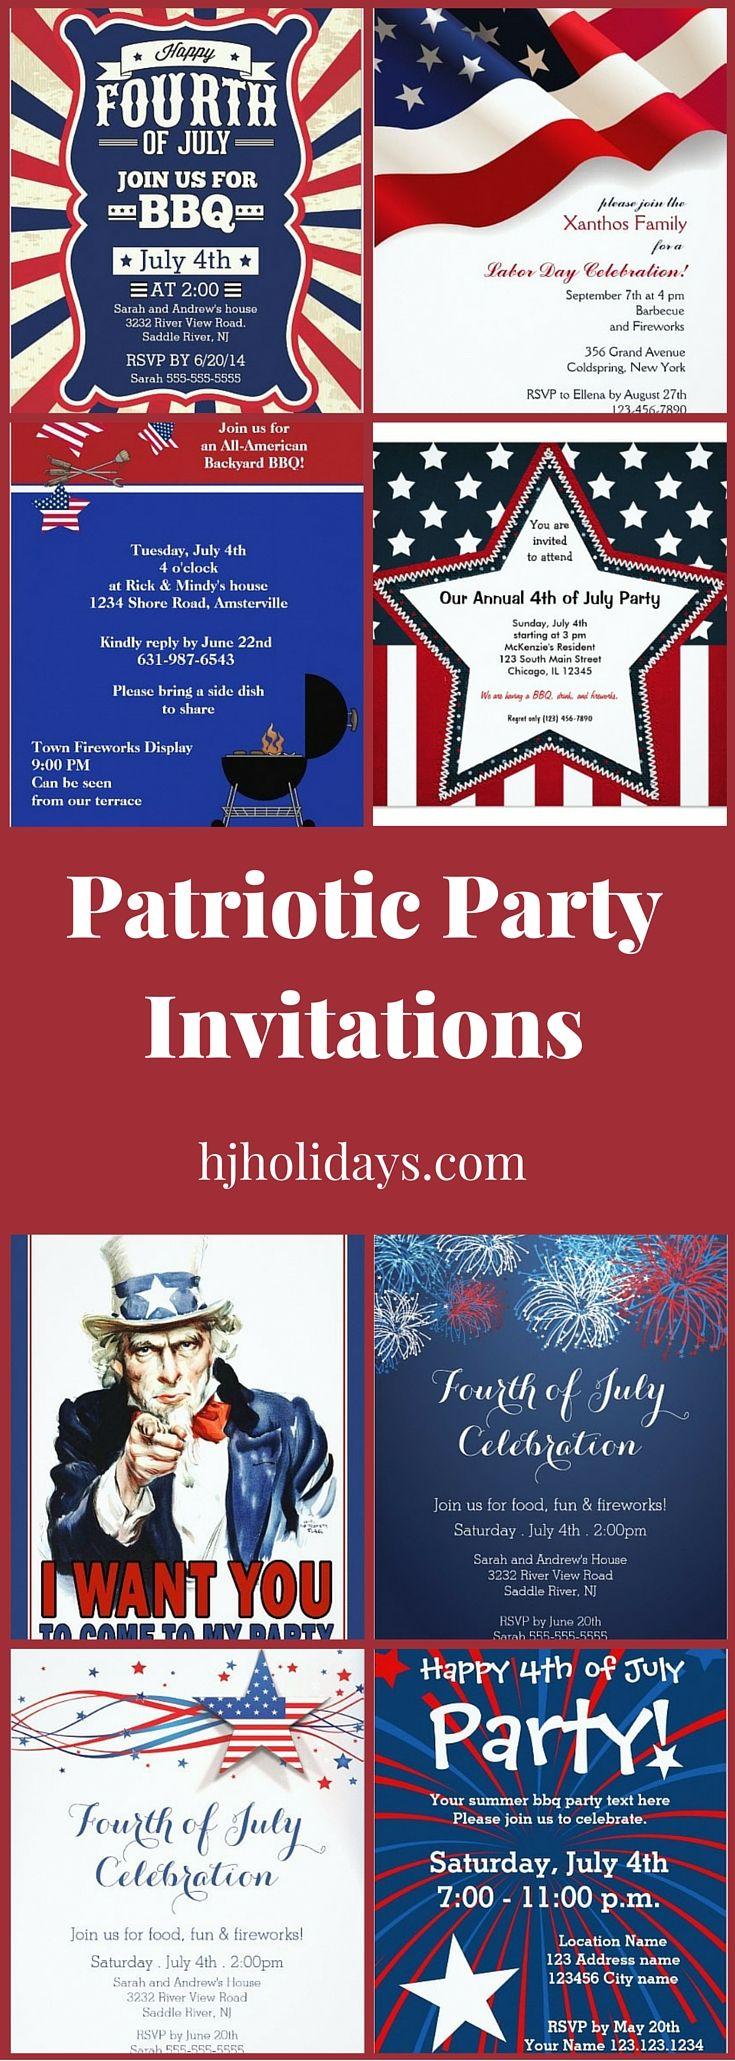 Patriotic Party Invitations   Patriotic☼   Pinterest   Patriotic ...